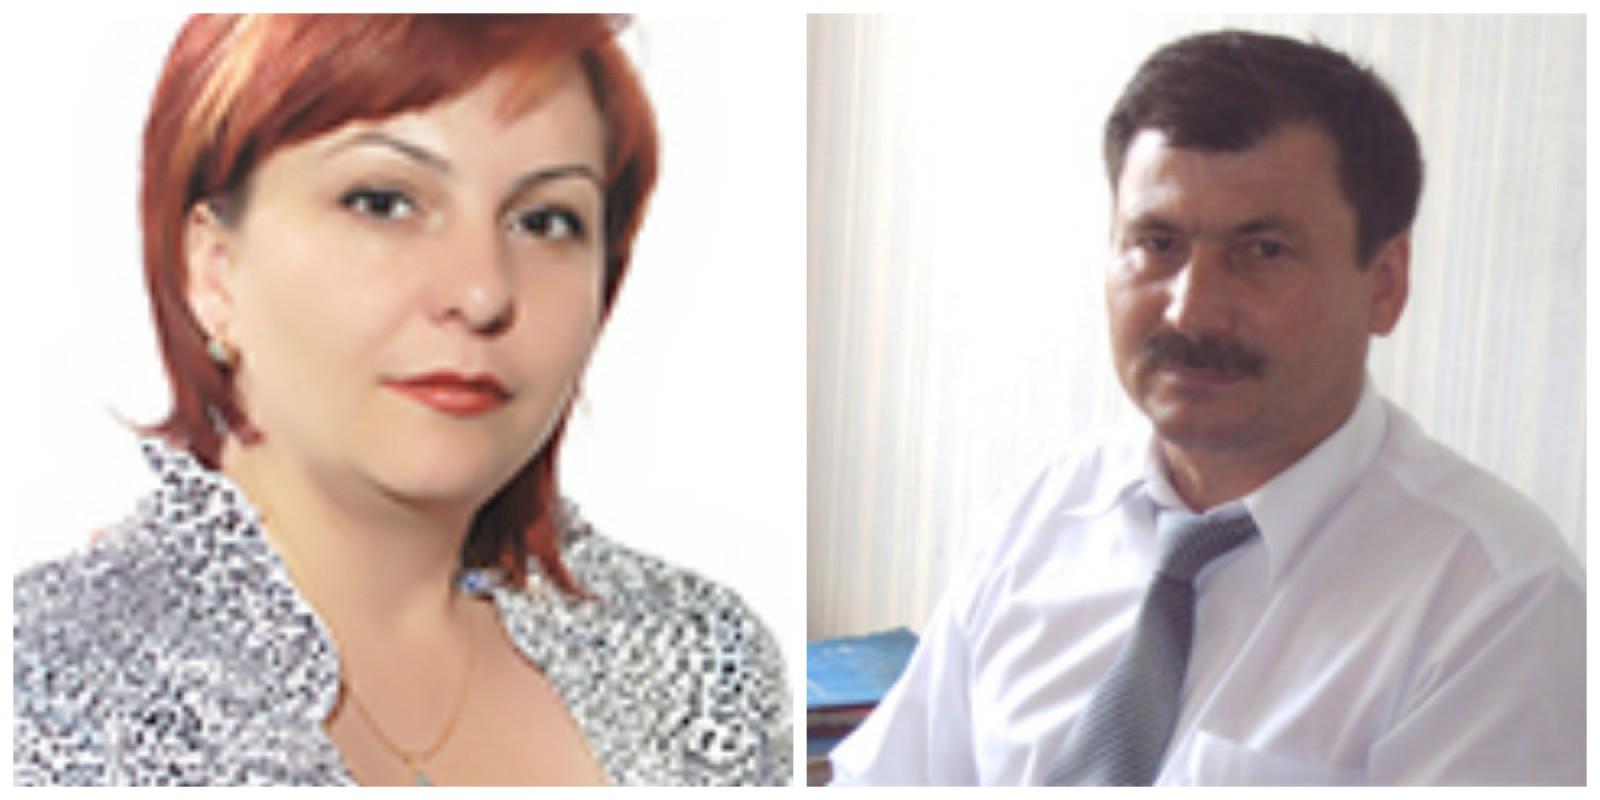 (foto) Ultima oră: Pretorul şi vicepretorul sectorului Ciocana, demişi din funcţie